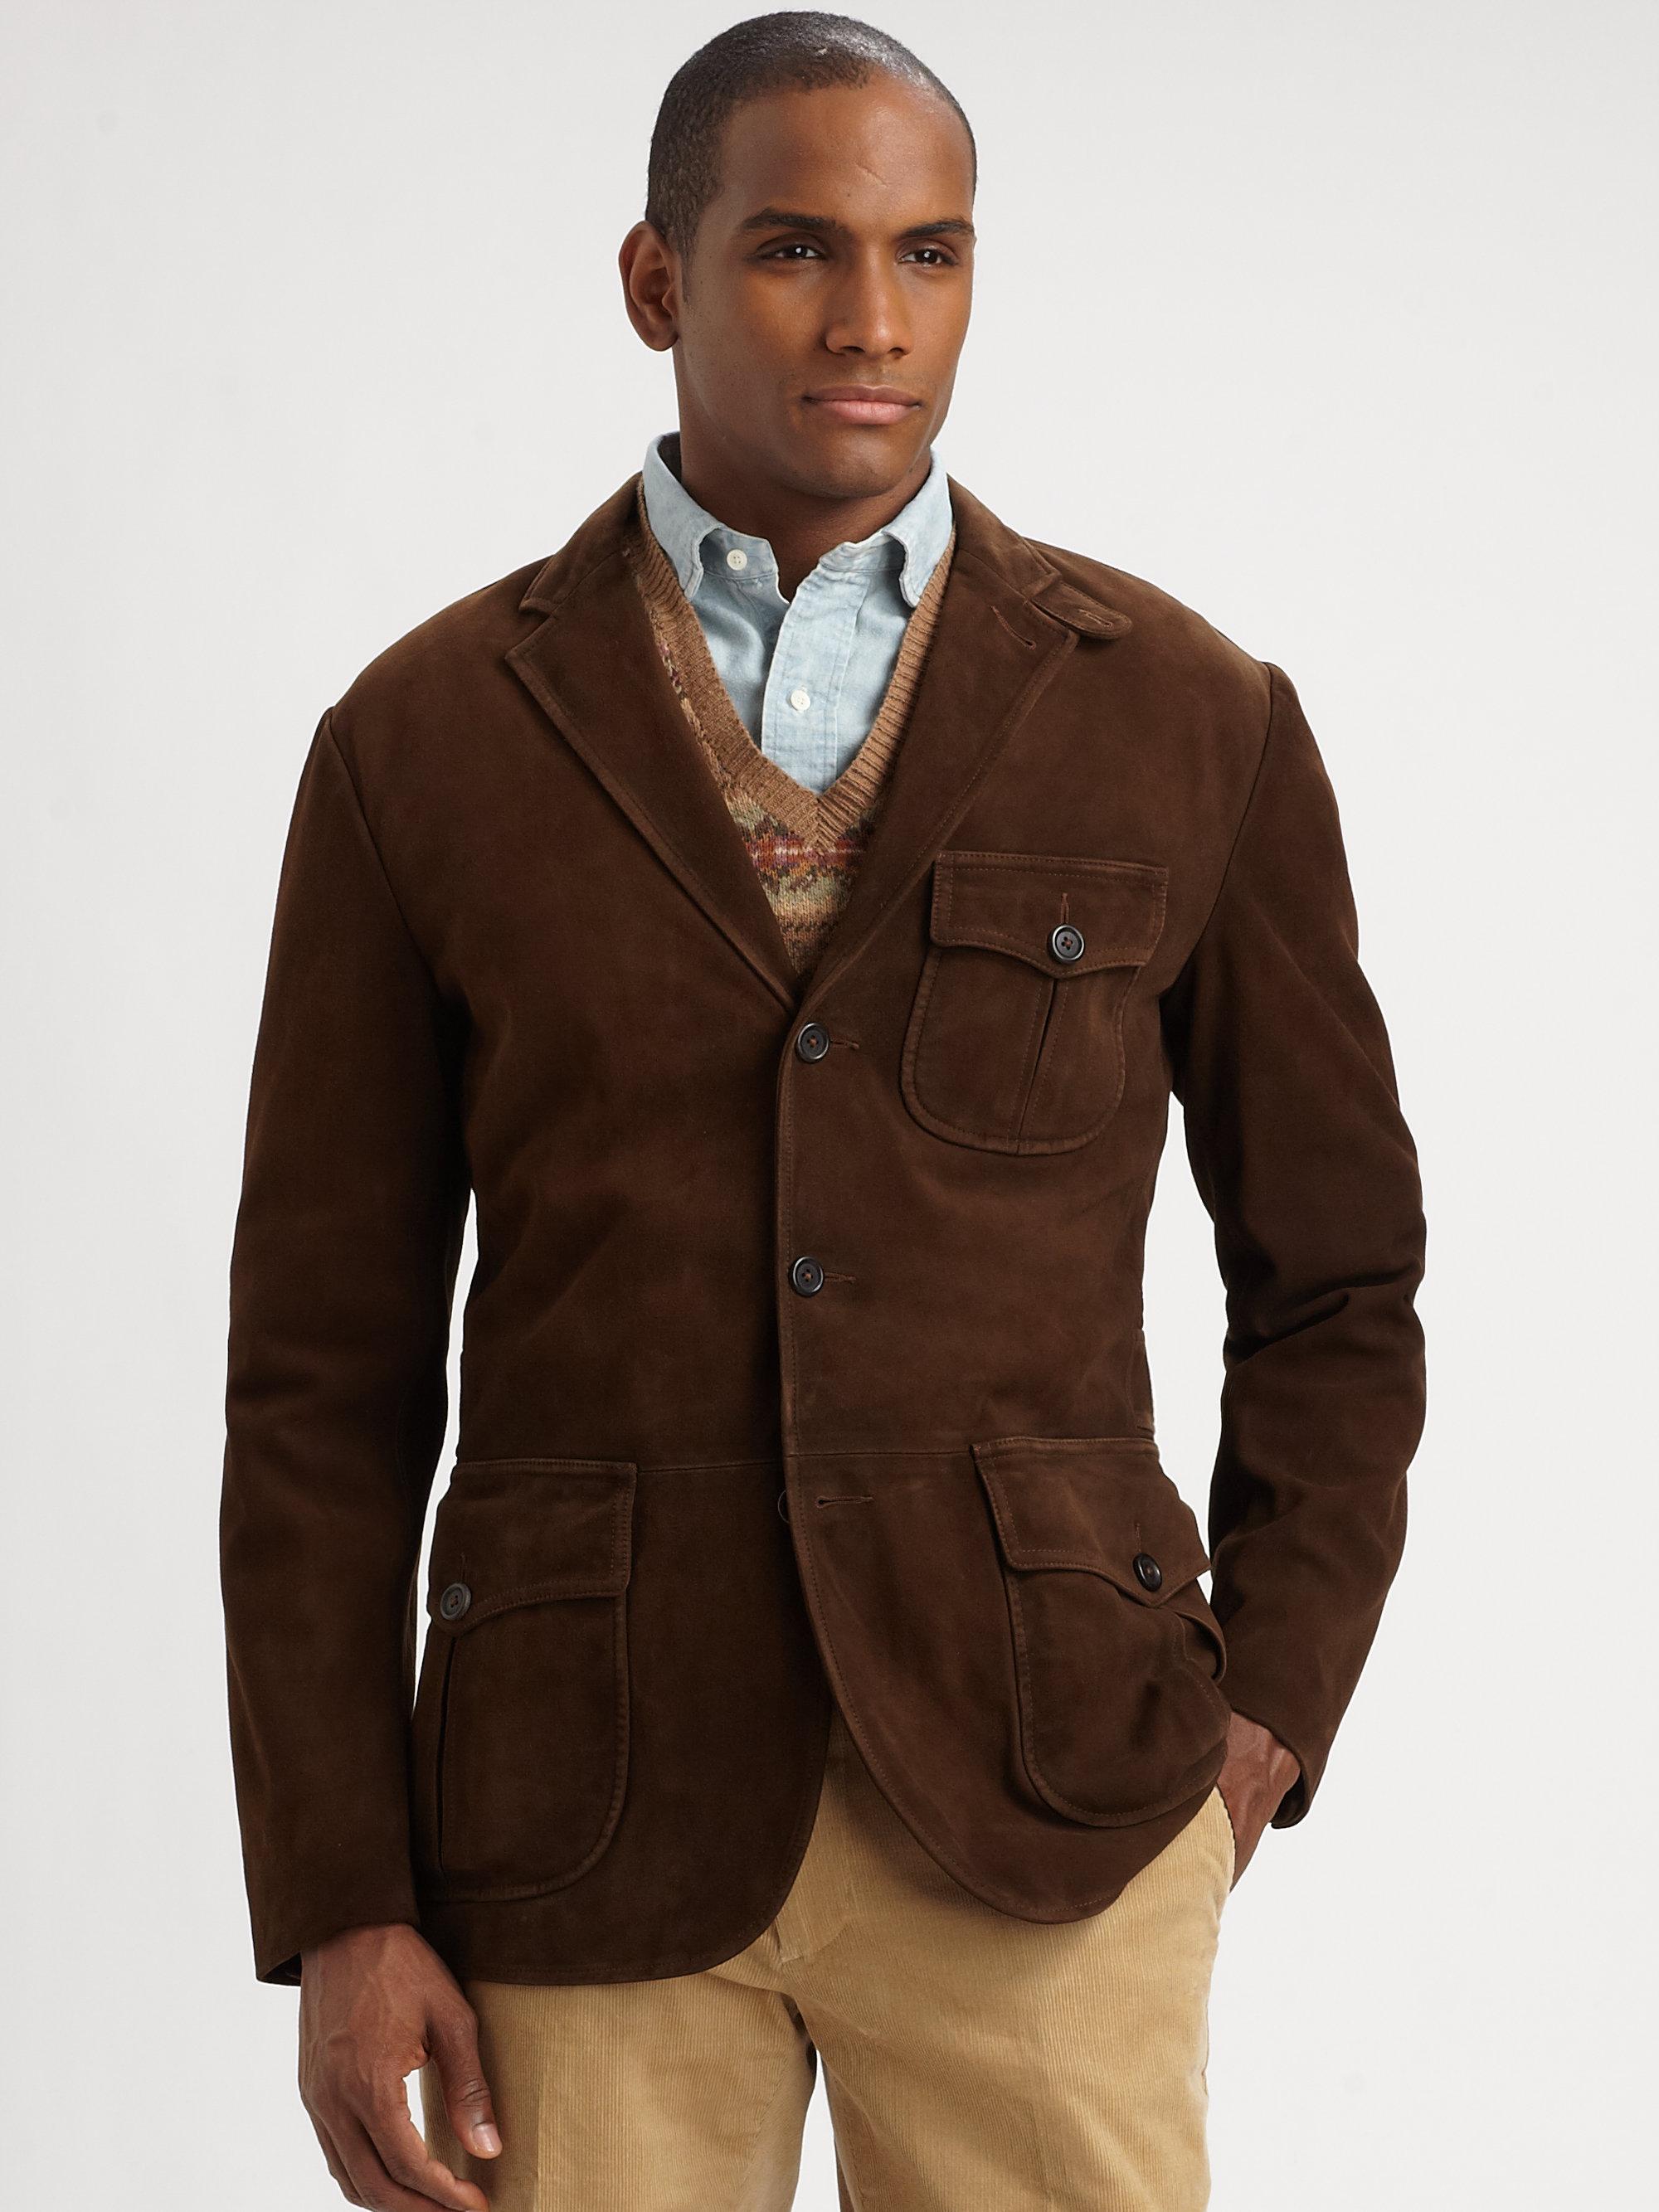 Polo ralph lauren Kempton Suede Sportcoat in Brown for Men | Lyst